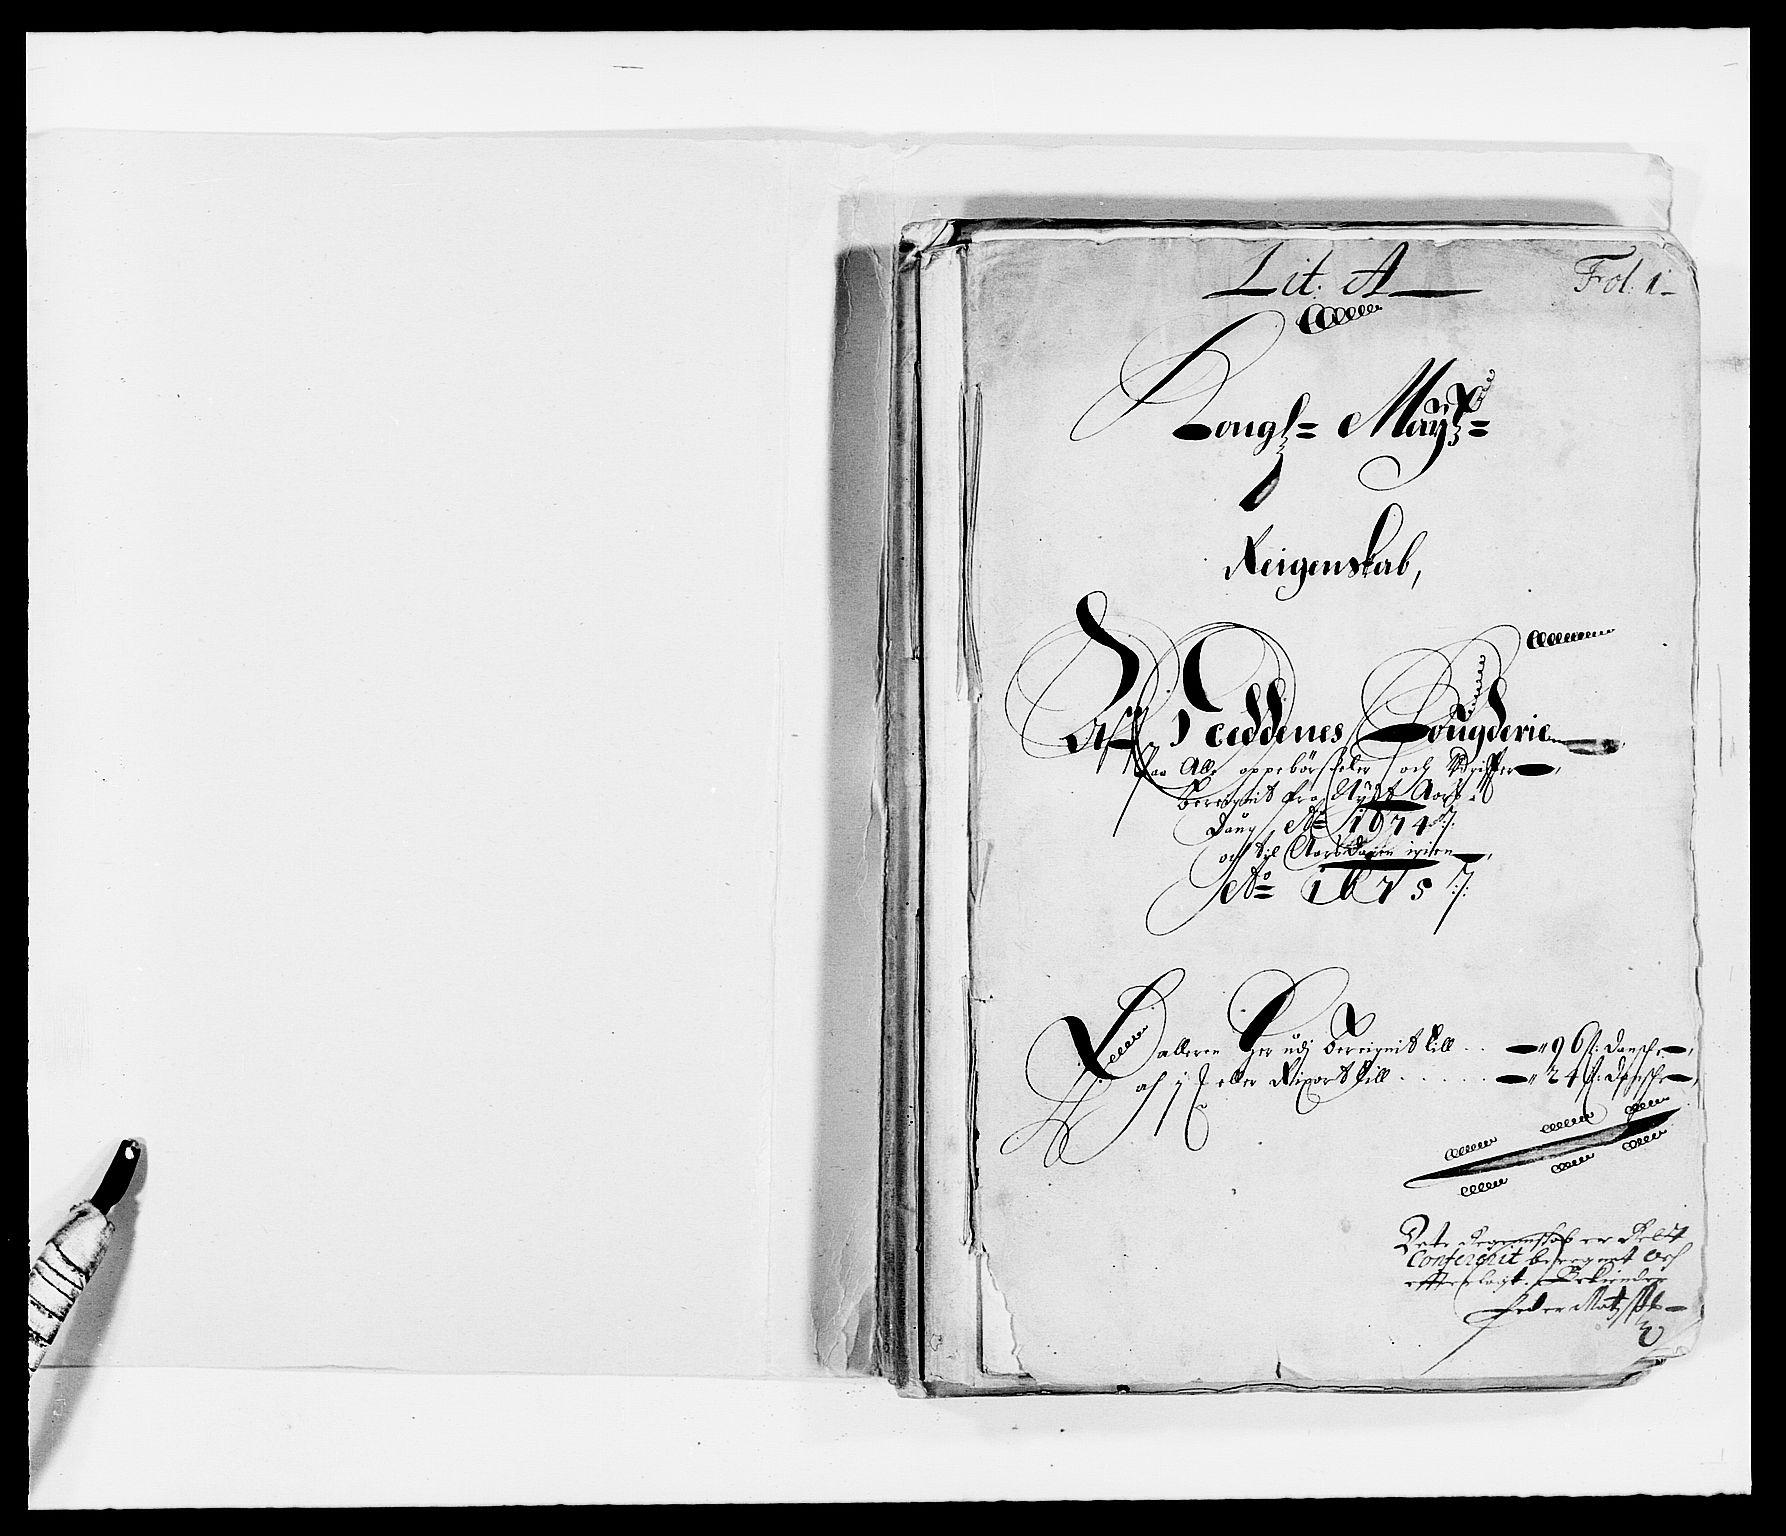 RA, Rentekammeret inntil 1814, Reviderte regnskaper, Fogderegnskap, R39/L2300: Fogderegnskap Nedenes, 1672-1674, s. 237